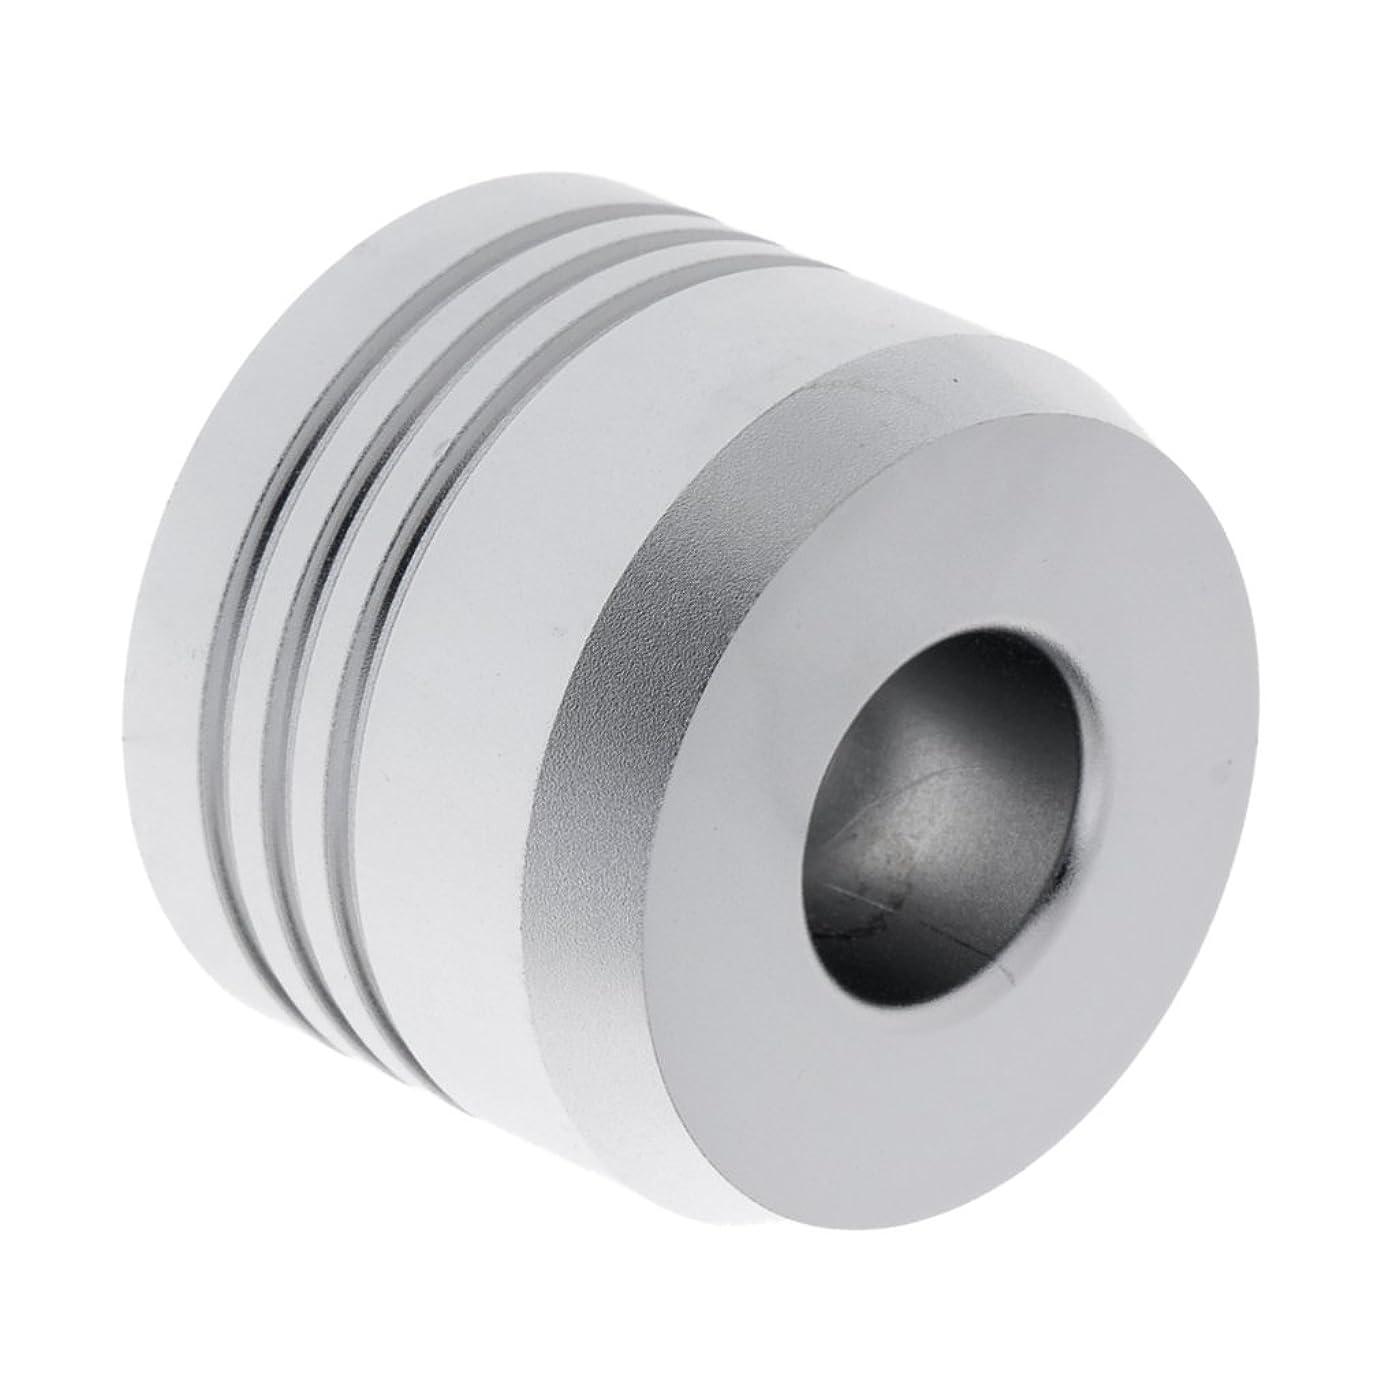 下手同化する集団的Kesoto セーフティカミソリスタンド スタンド メンズ シェービング カミソリホルダー サポート 調節可能 シェーバーベース 2色選べ   - 銀